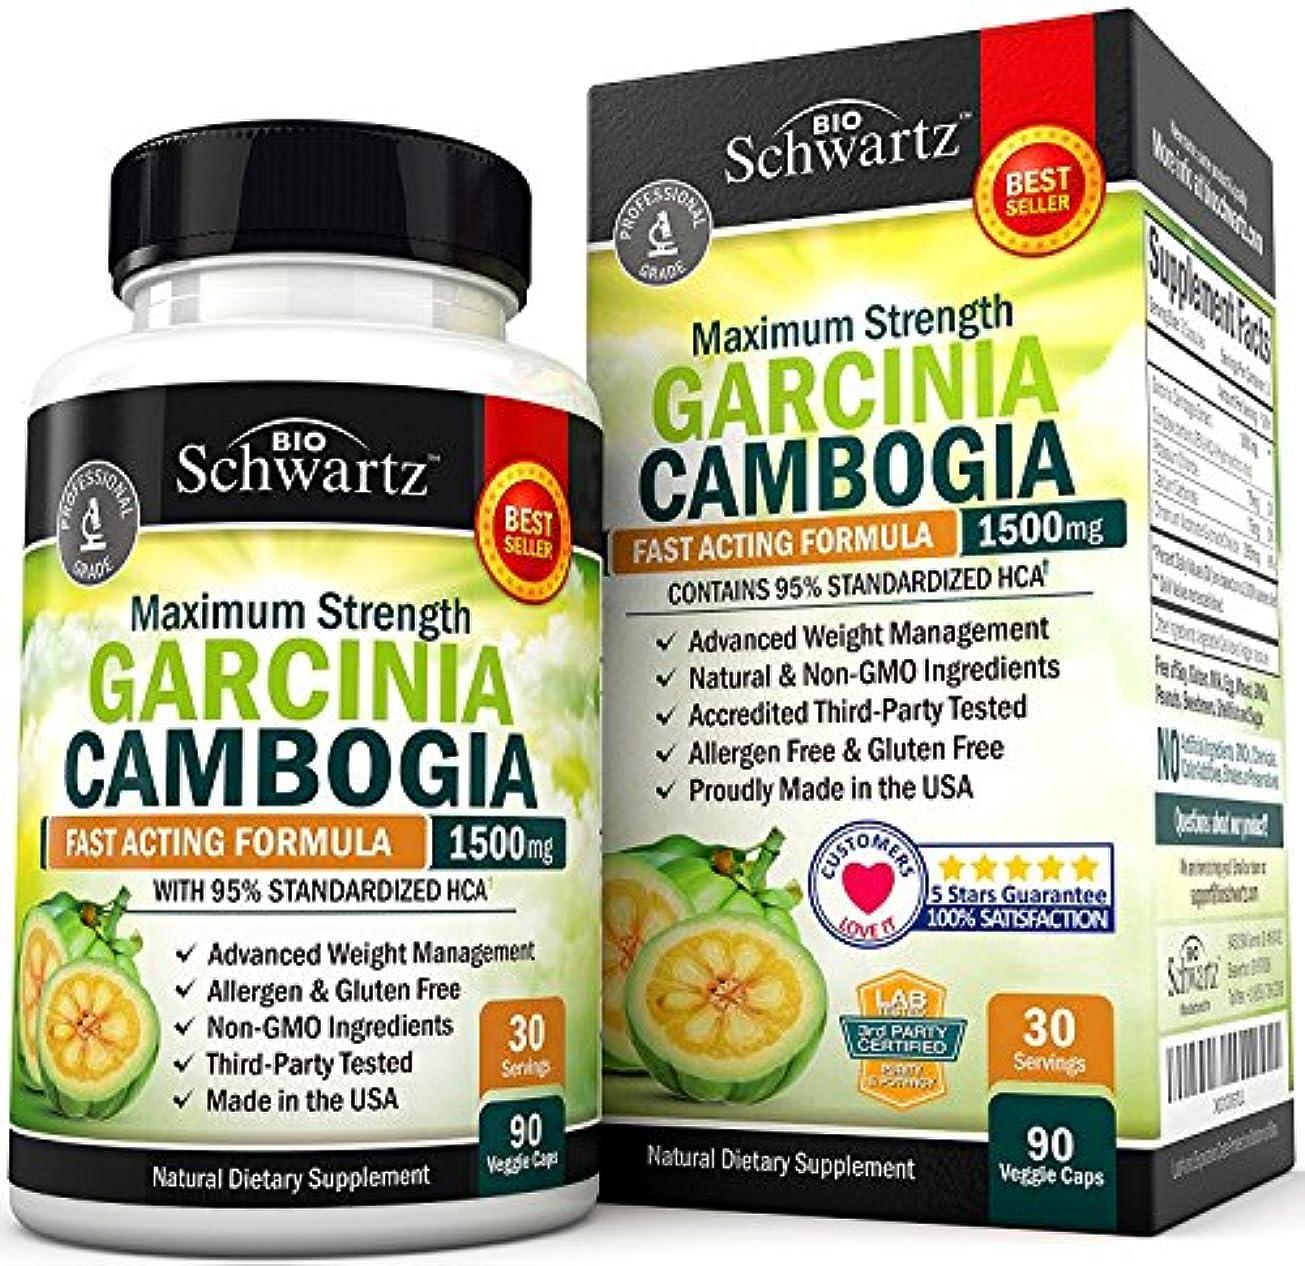 ウェブ不正直新しい意味BioSchwartz ガルシニア カンボジア Garcinia Cambogia 95% HCA 1500mg 90粒